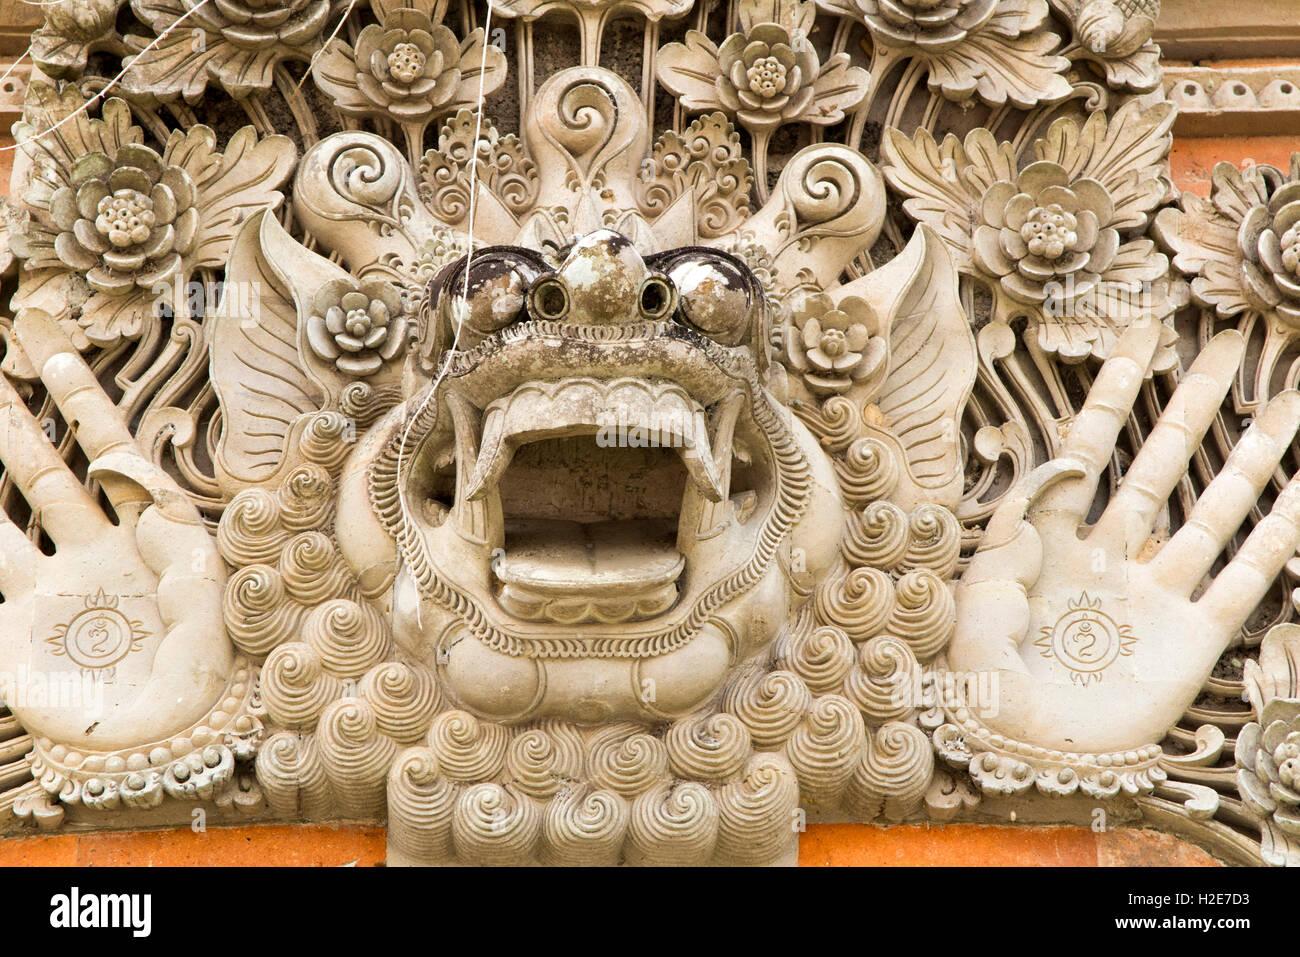 Indonesia, Bali, Payangan, ampia imboccatura a divinità Indù con palme proteso nel tempio locale Immagini Stock